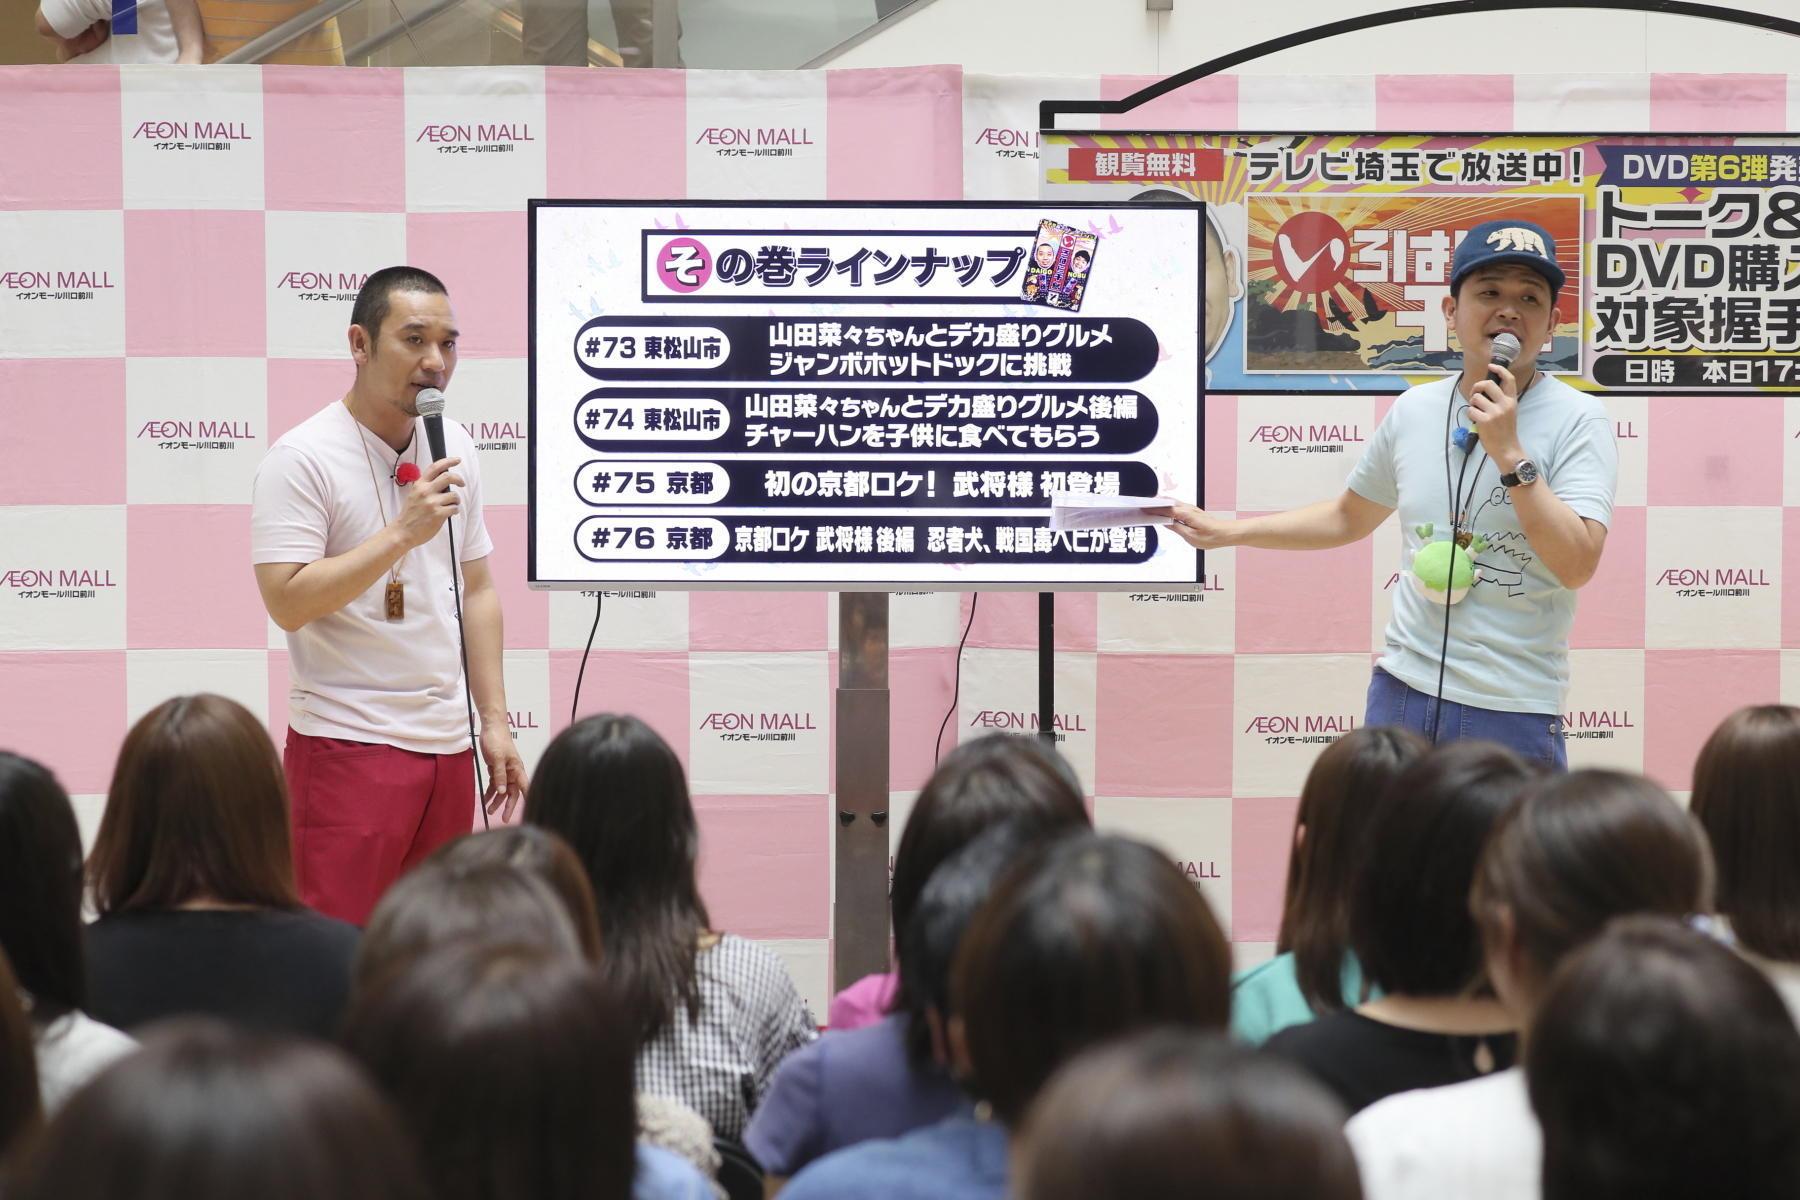 http://news.yoshimoto.co.jp/20180531130234-3b5172692fdb917f9fed501441304ecc0e9a93d7.jpg